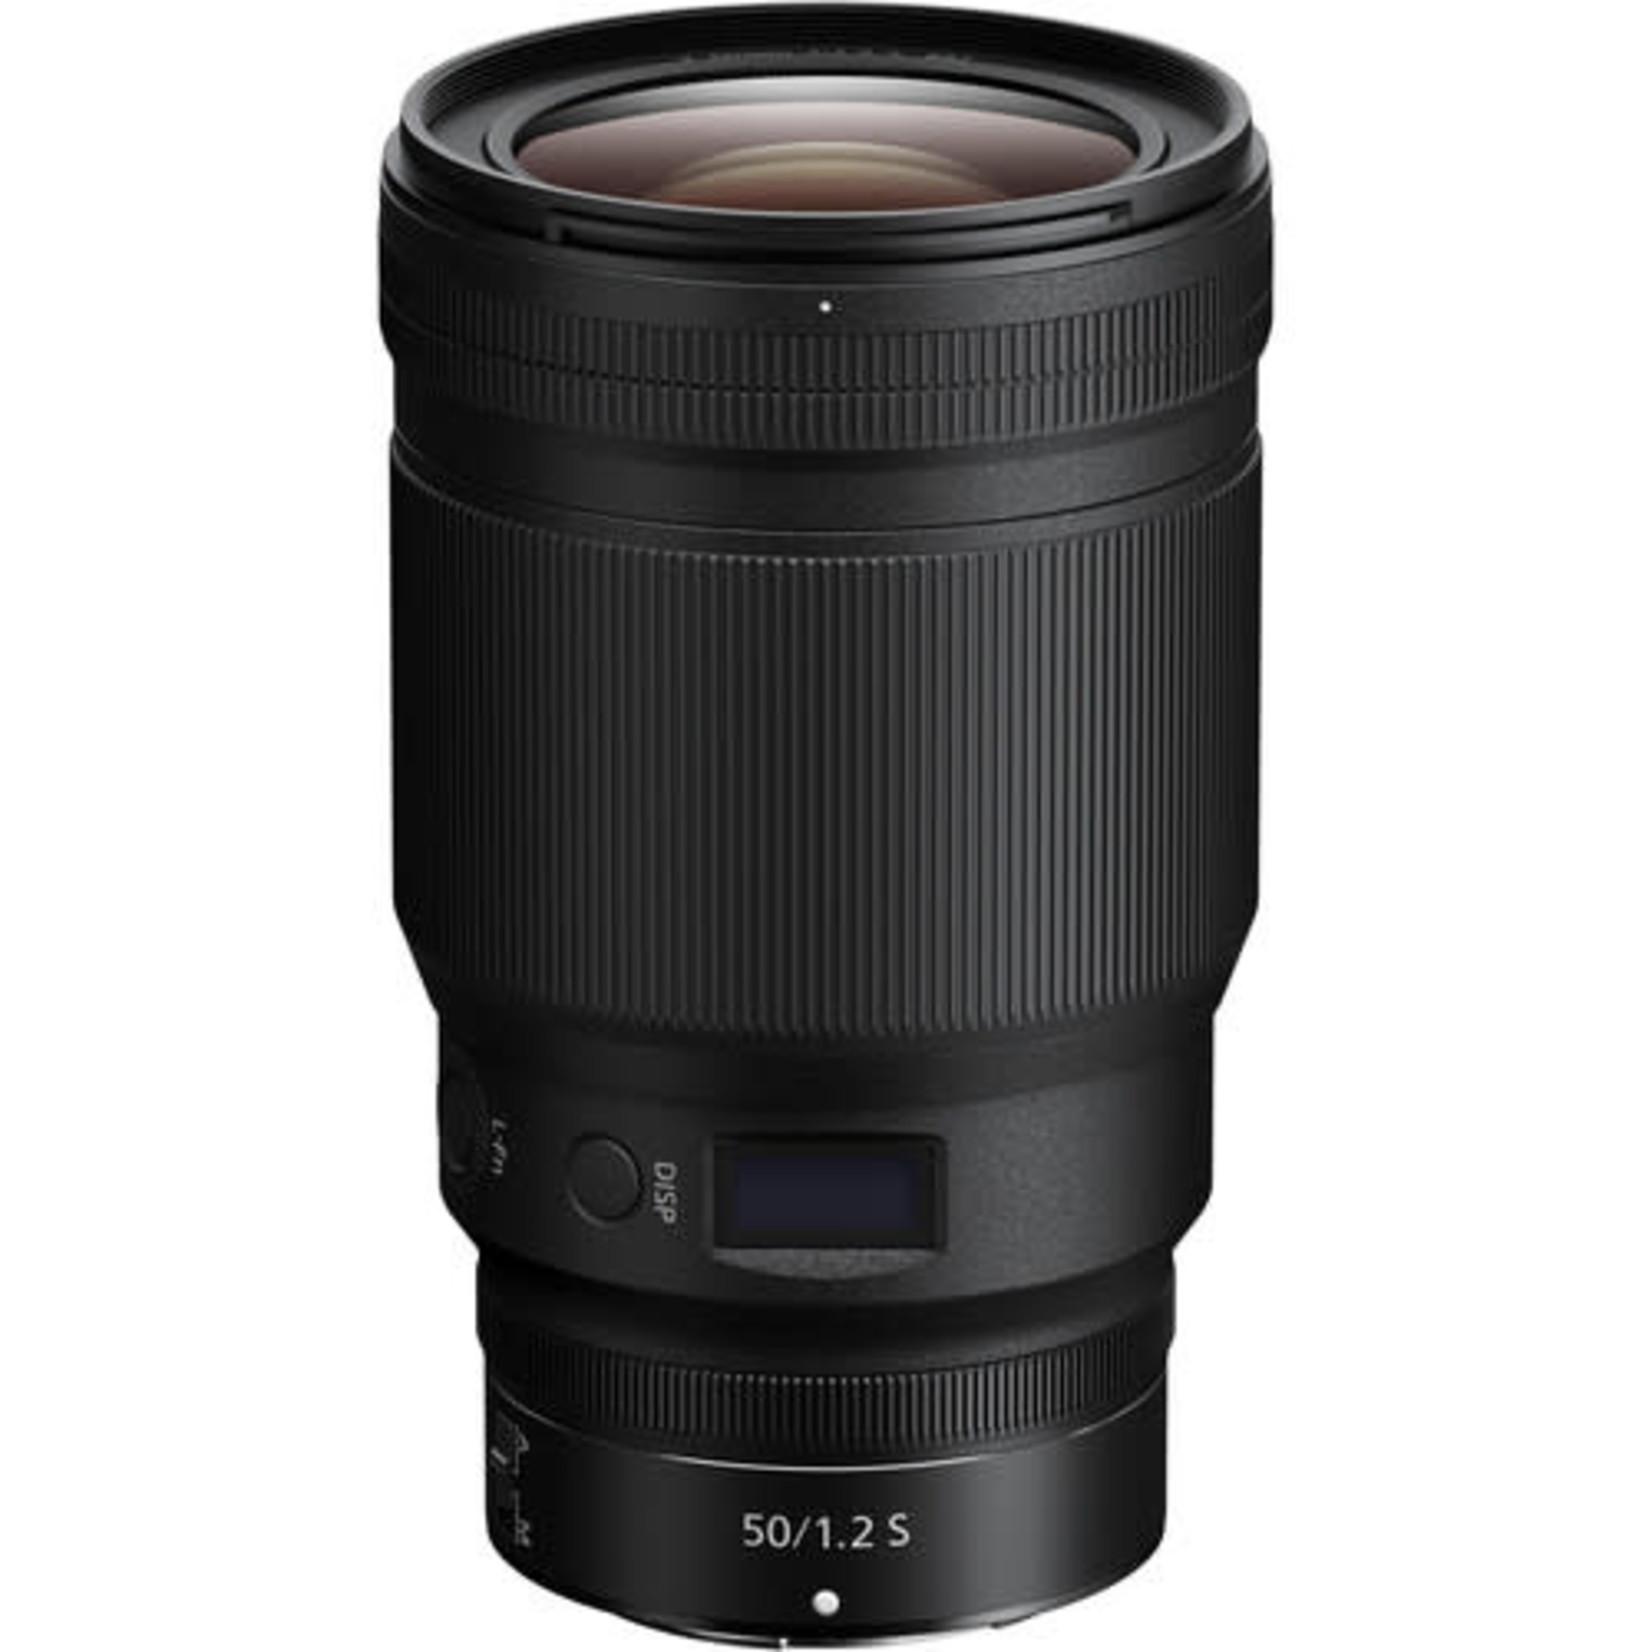 Nikon Nikon NIKKOR Z 50mm f/1.2 S Lens